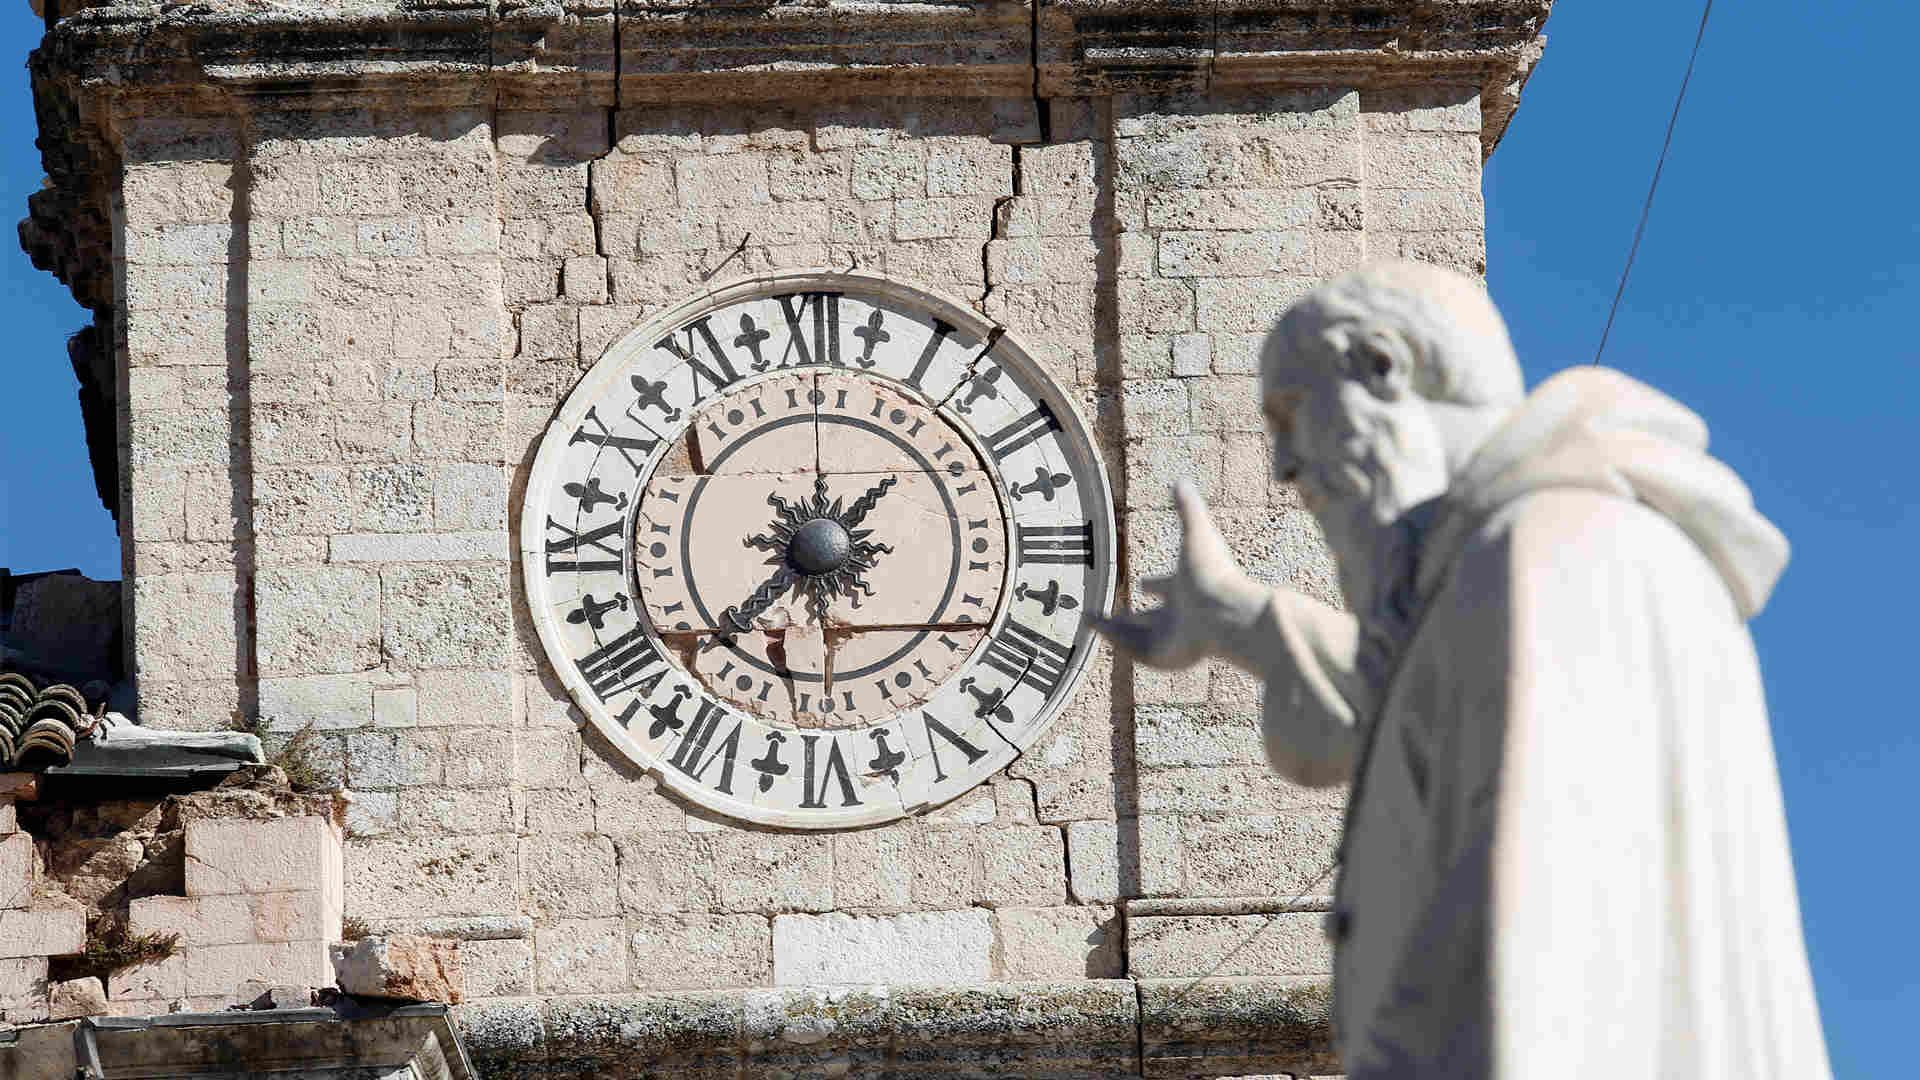 """El primer ministro, Matteo Renzi, se preocupará de que no haya """"ladrones"""" en la reparación de los daños causados por el terremoto"""